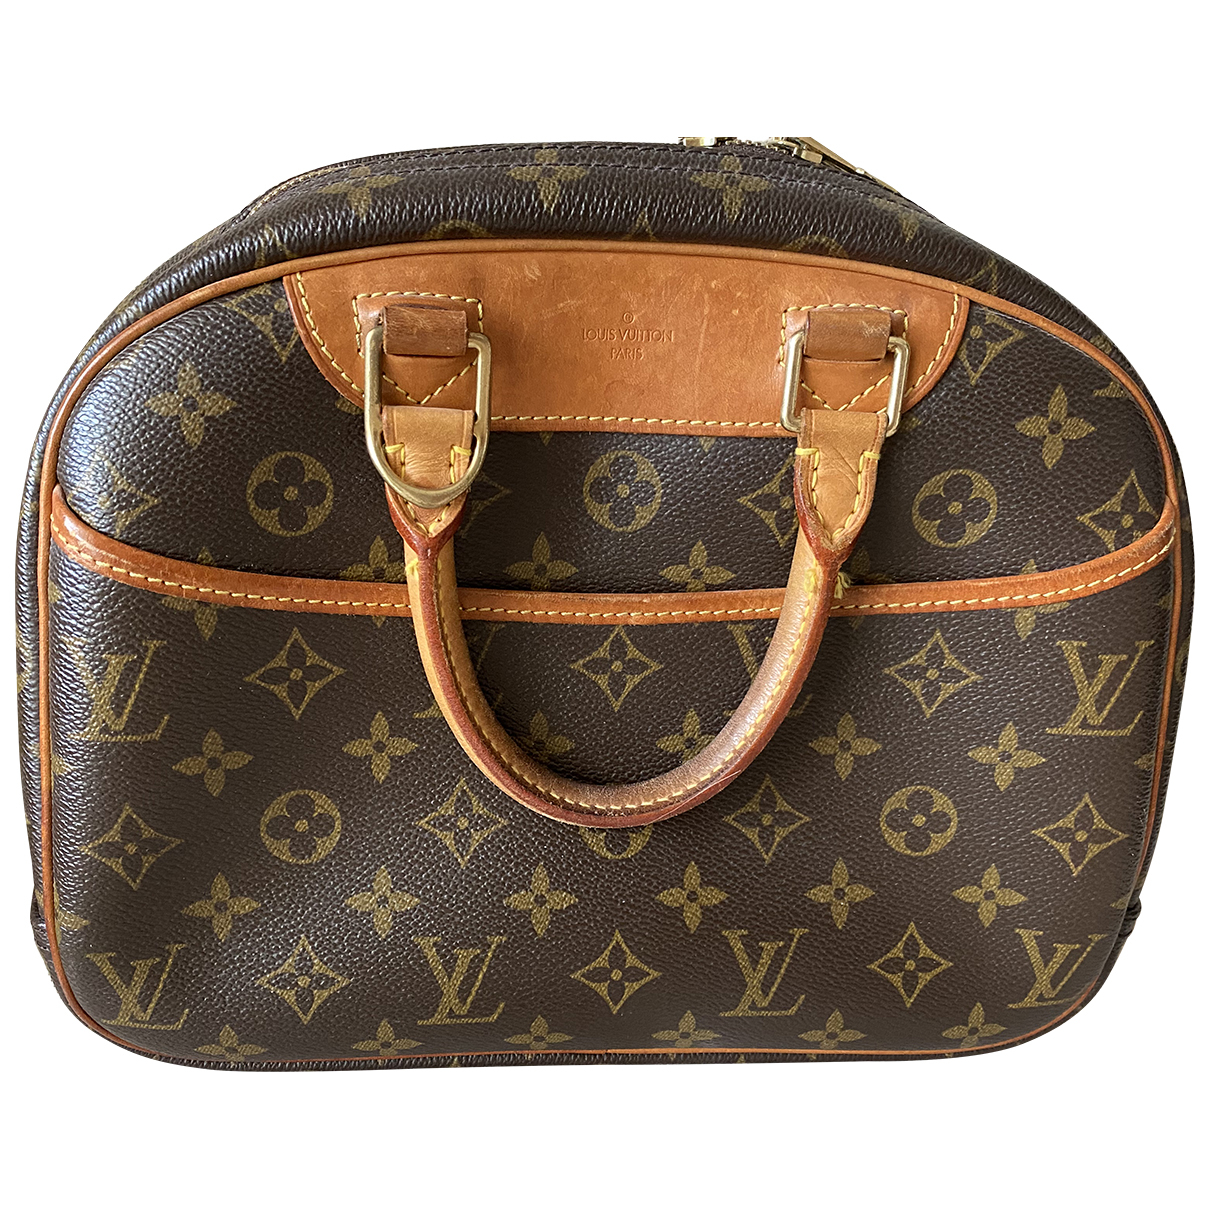 Louis Vuitton Trouville Handtasche in  Braun Leinen